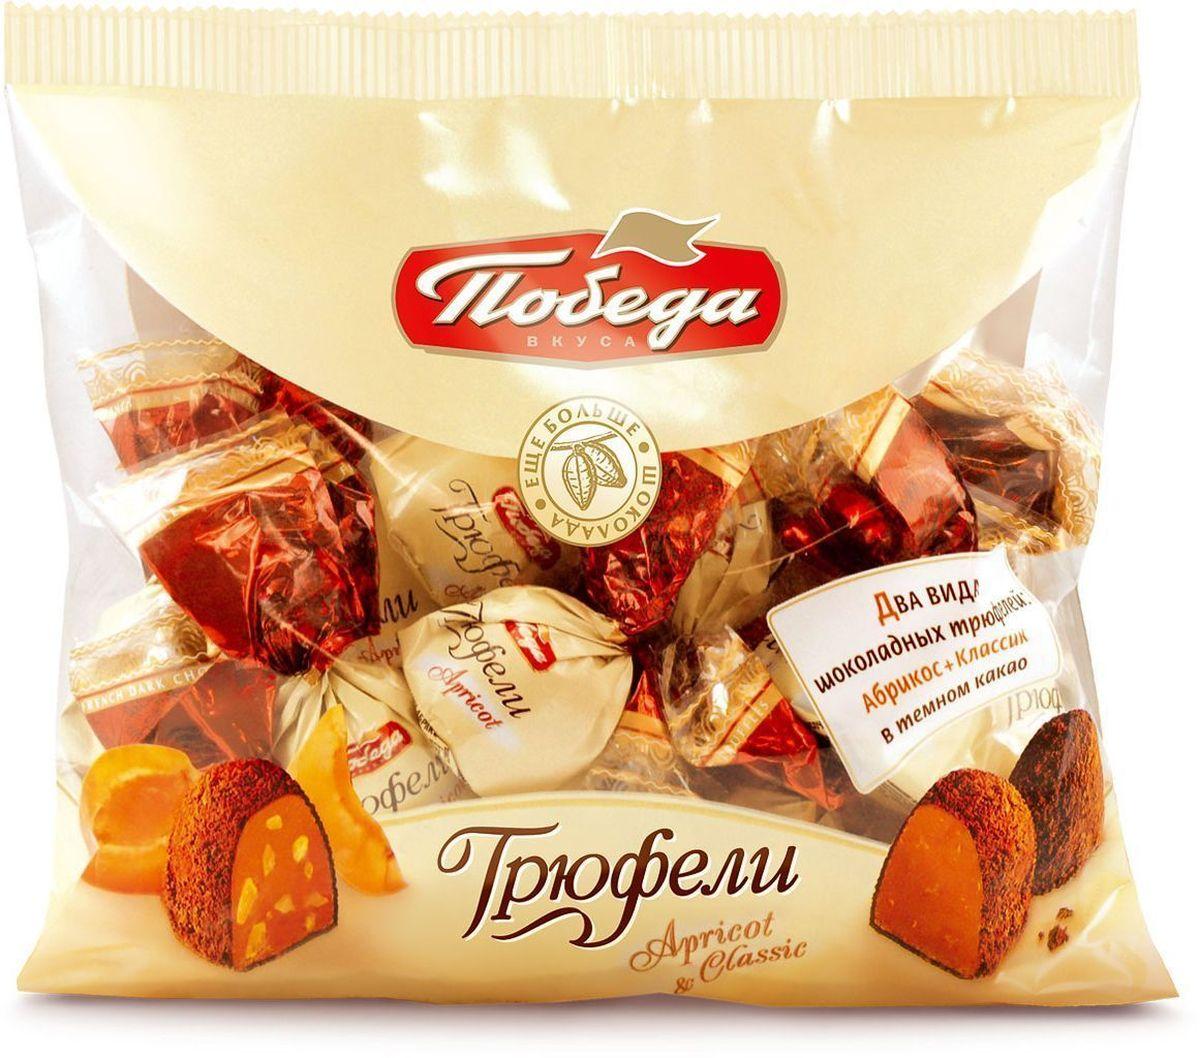 Победа вкуса Трюфели Абрикос + Классик два вида шоколадных трюфелей в темном какао, 250 г the belgian трюфели с кусочками апельсинов 200 г